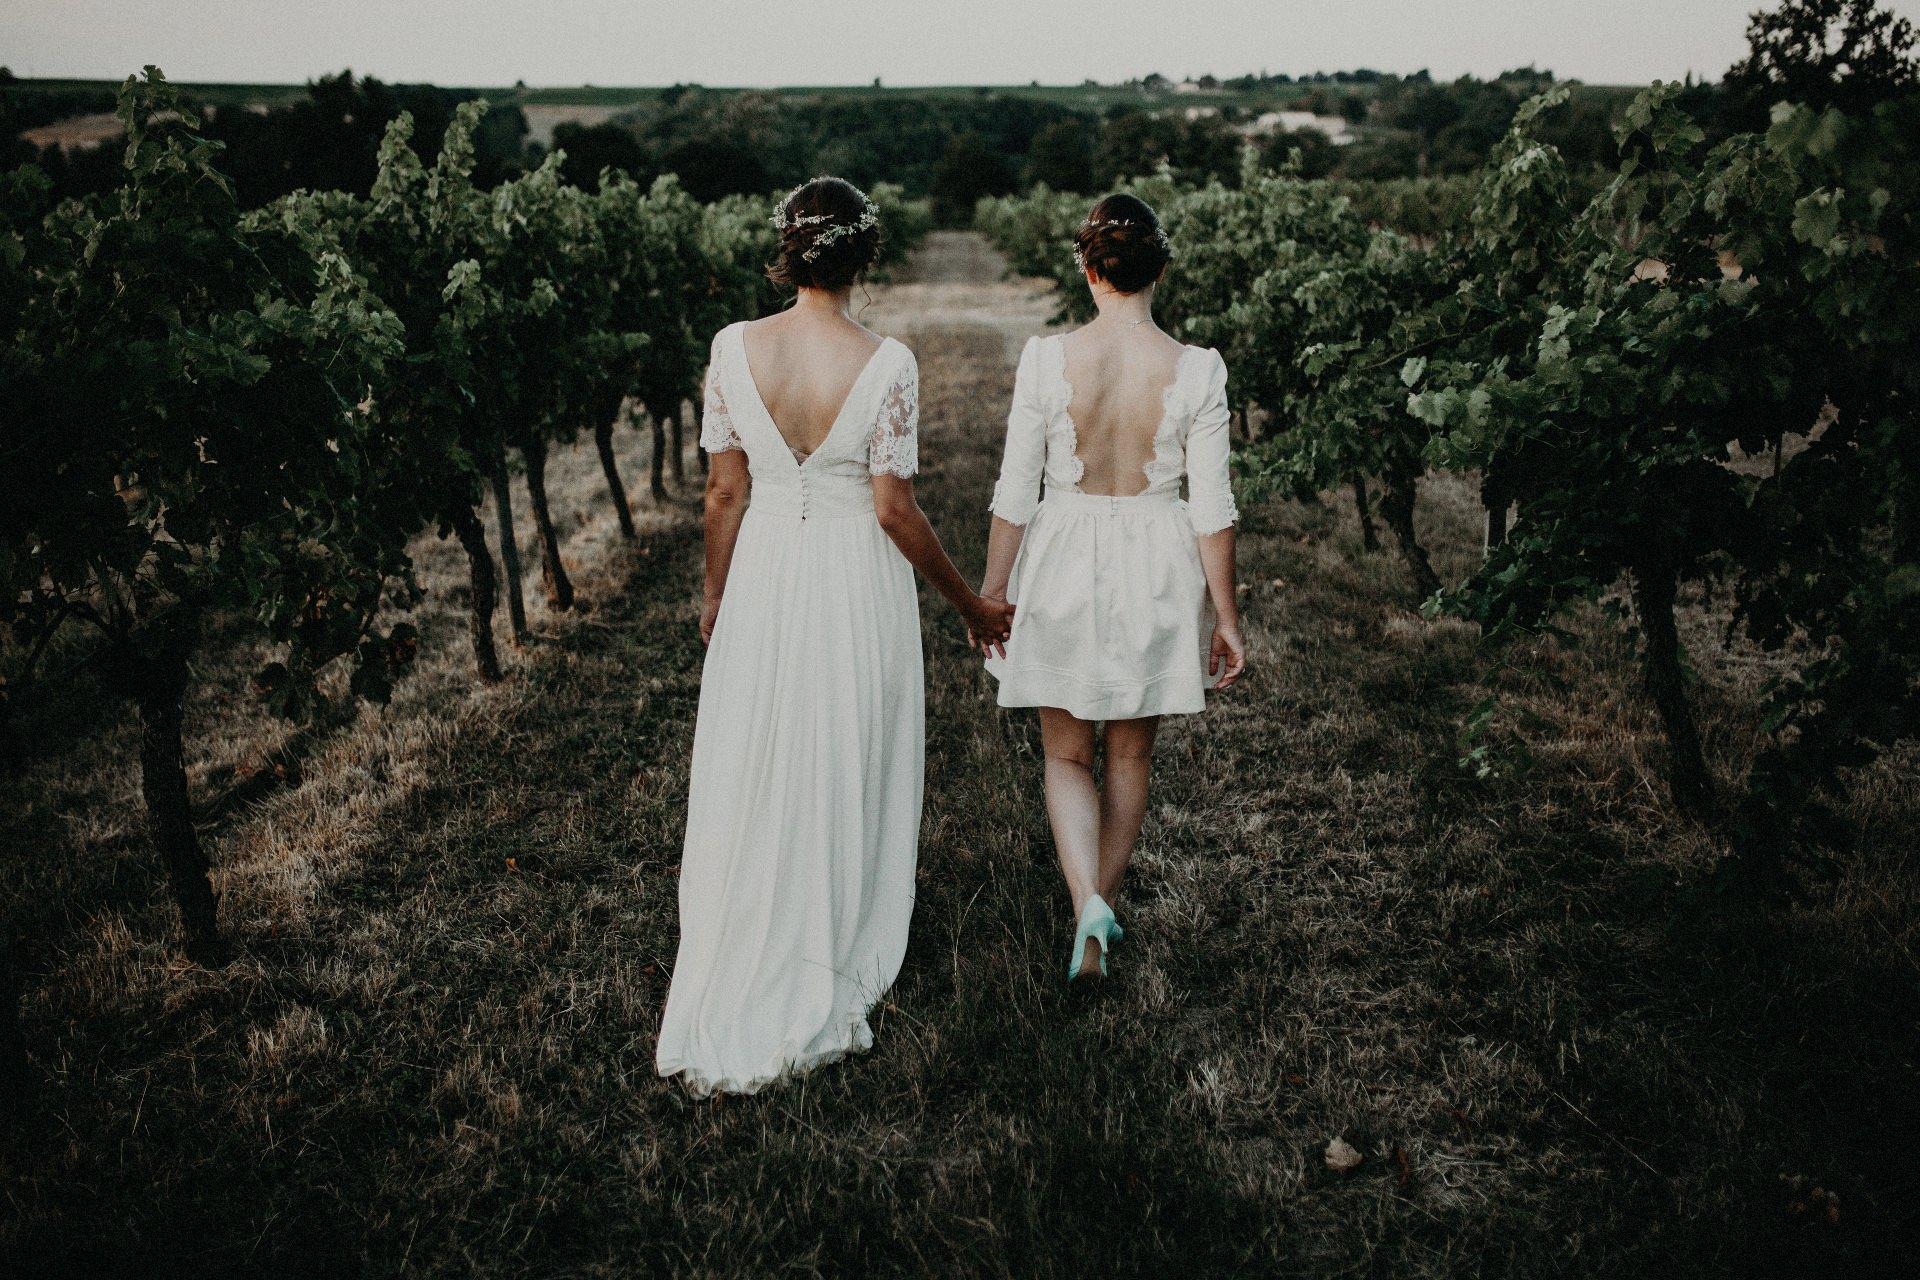 photographe-mariage-bordeaux-54.jpg